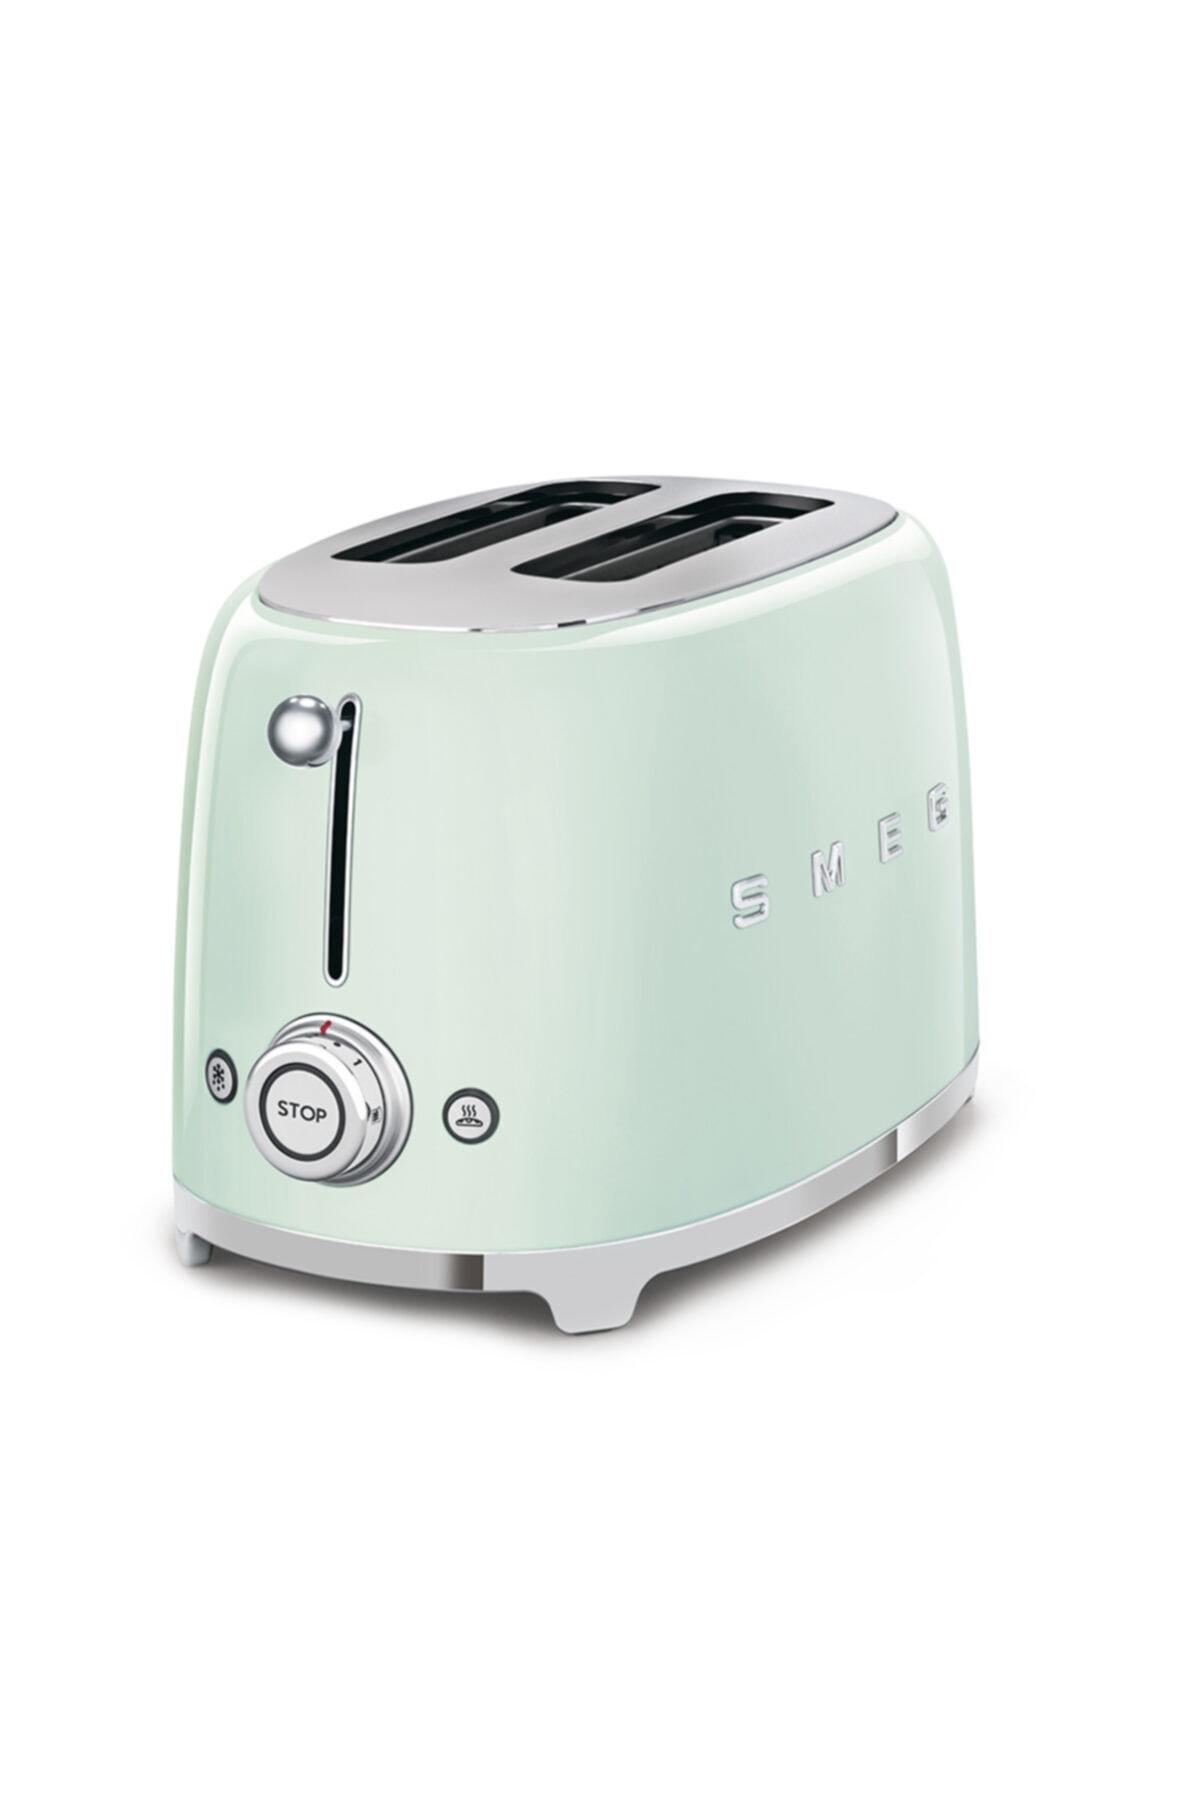 SMEG Pastel Yeşil 2x2 Ekmek Kızartma Makinesi 1